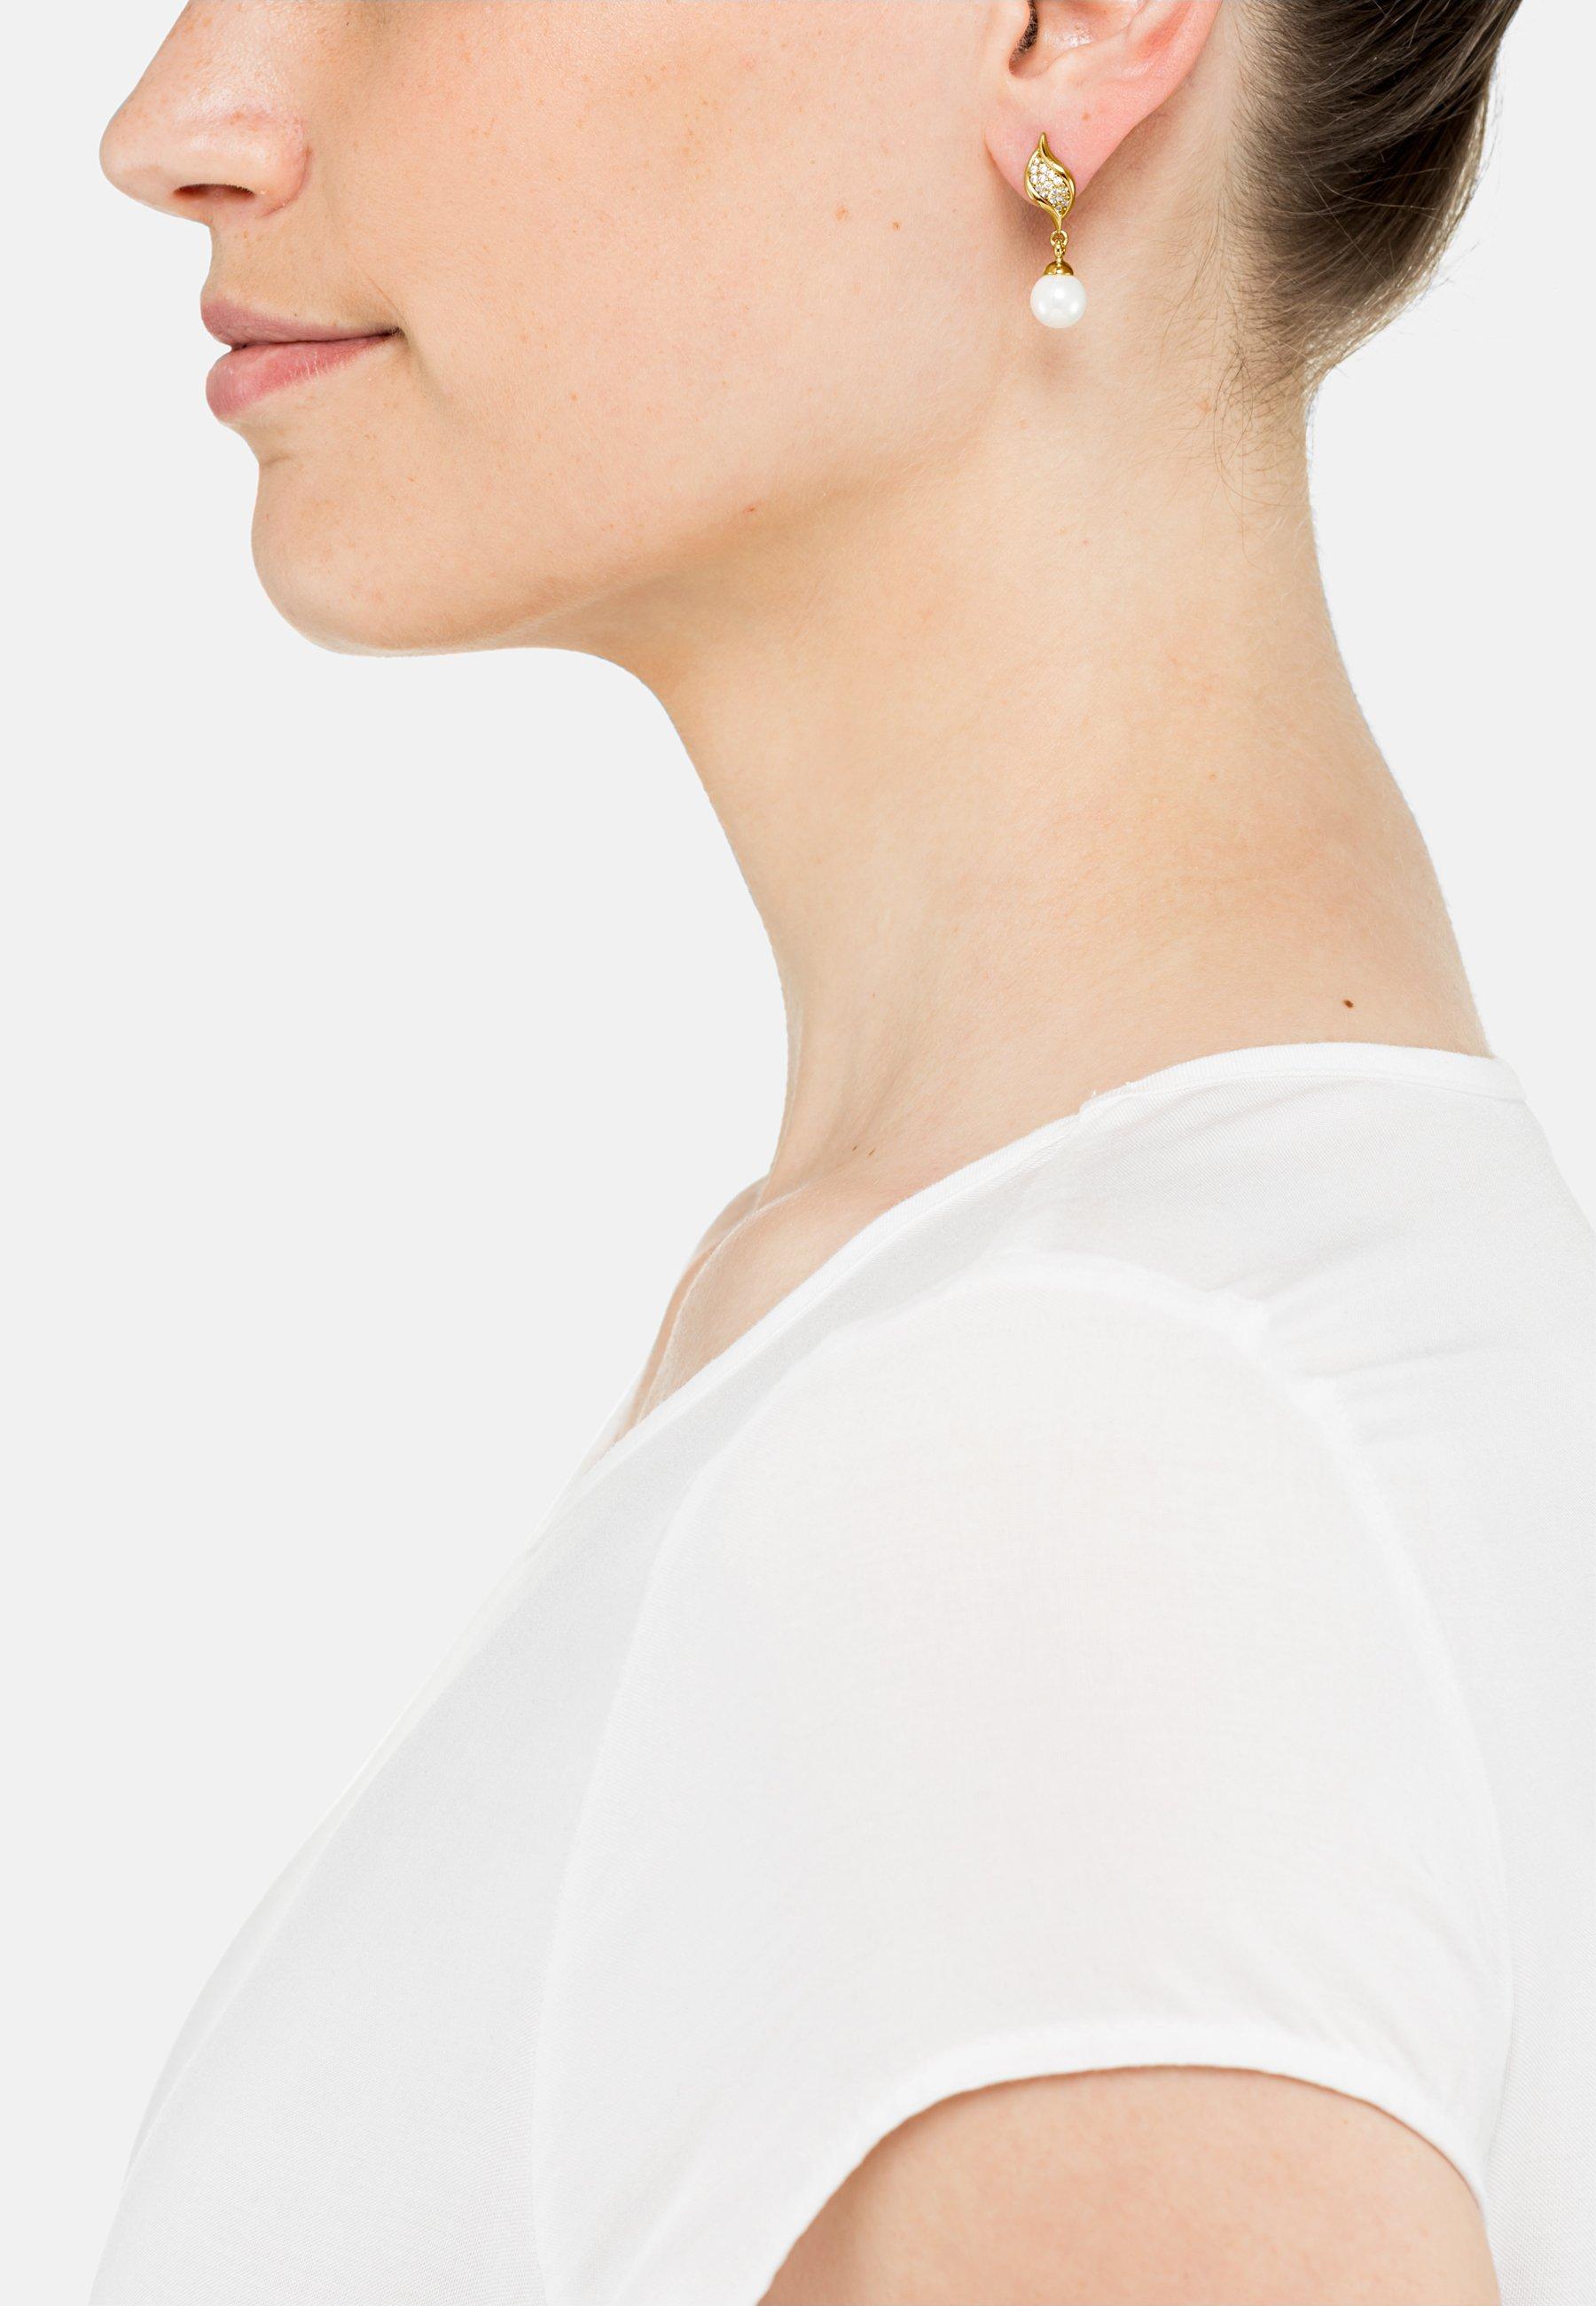 Femme ORPA - Boucles d'oreilles